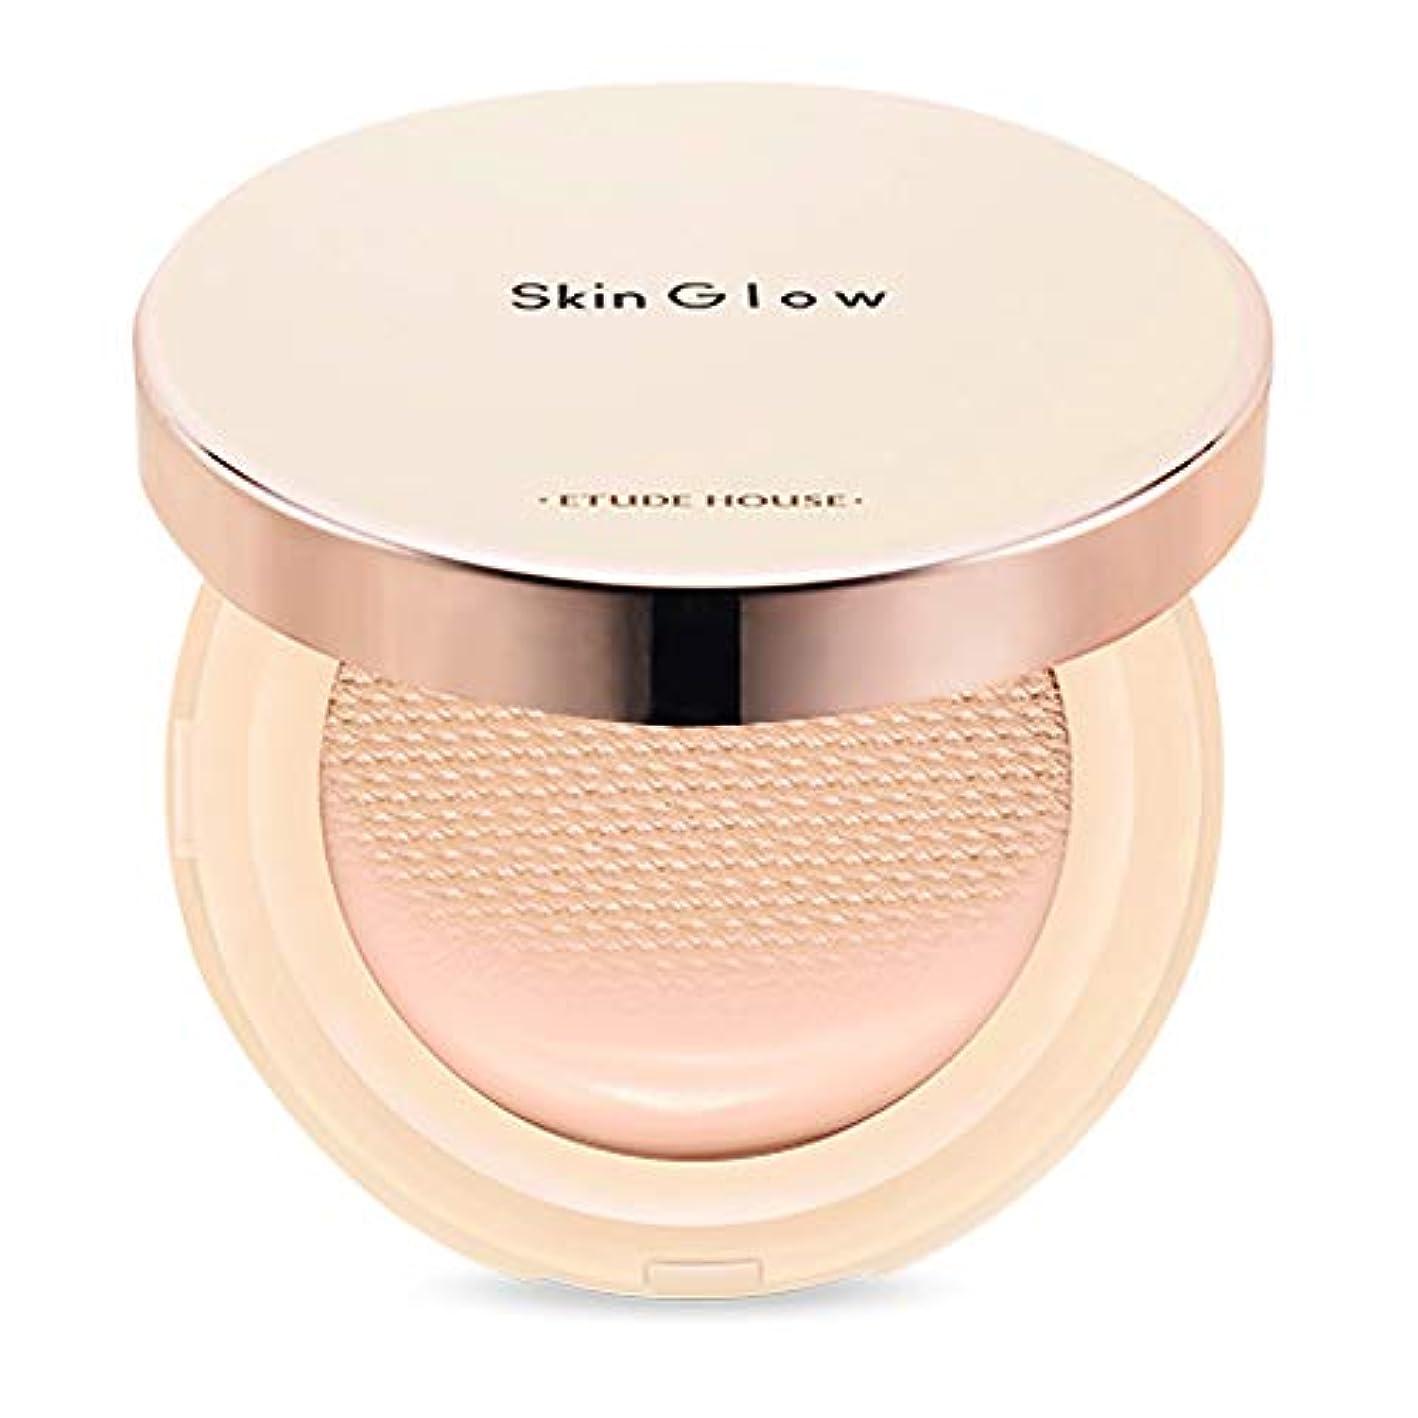 ヘクタールスケッチ配管Etude House Skin Glow Essence Cushion SPF50+/PA++++ エチュードハウス スキン グロー エッセンス クッション (# P03 Light Vanilla) [並行輸入品]